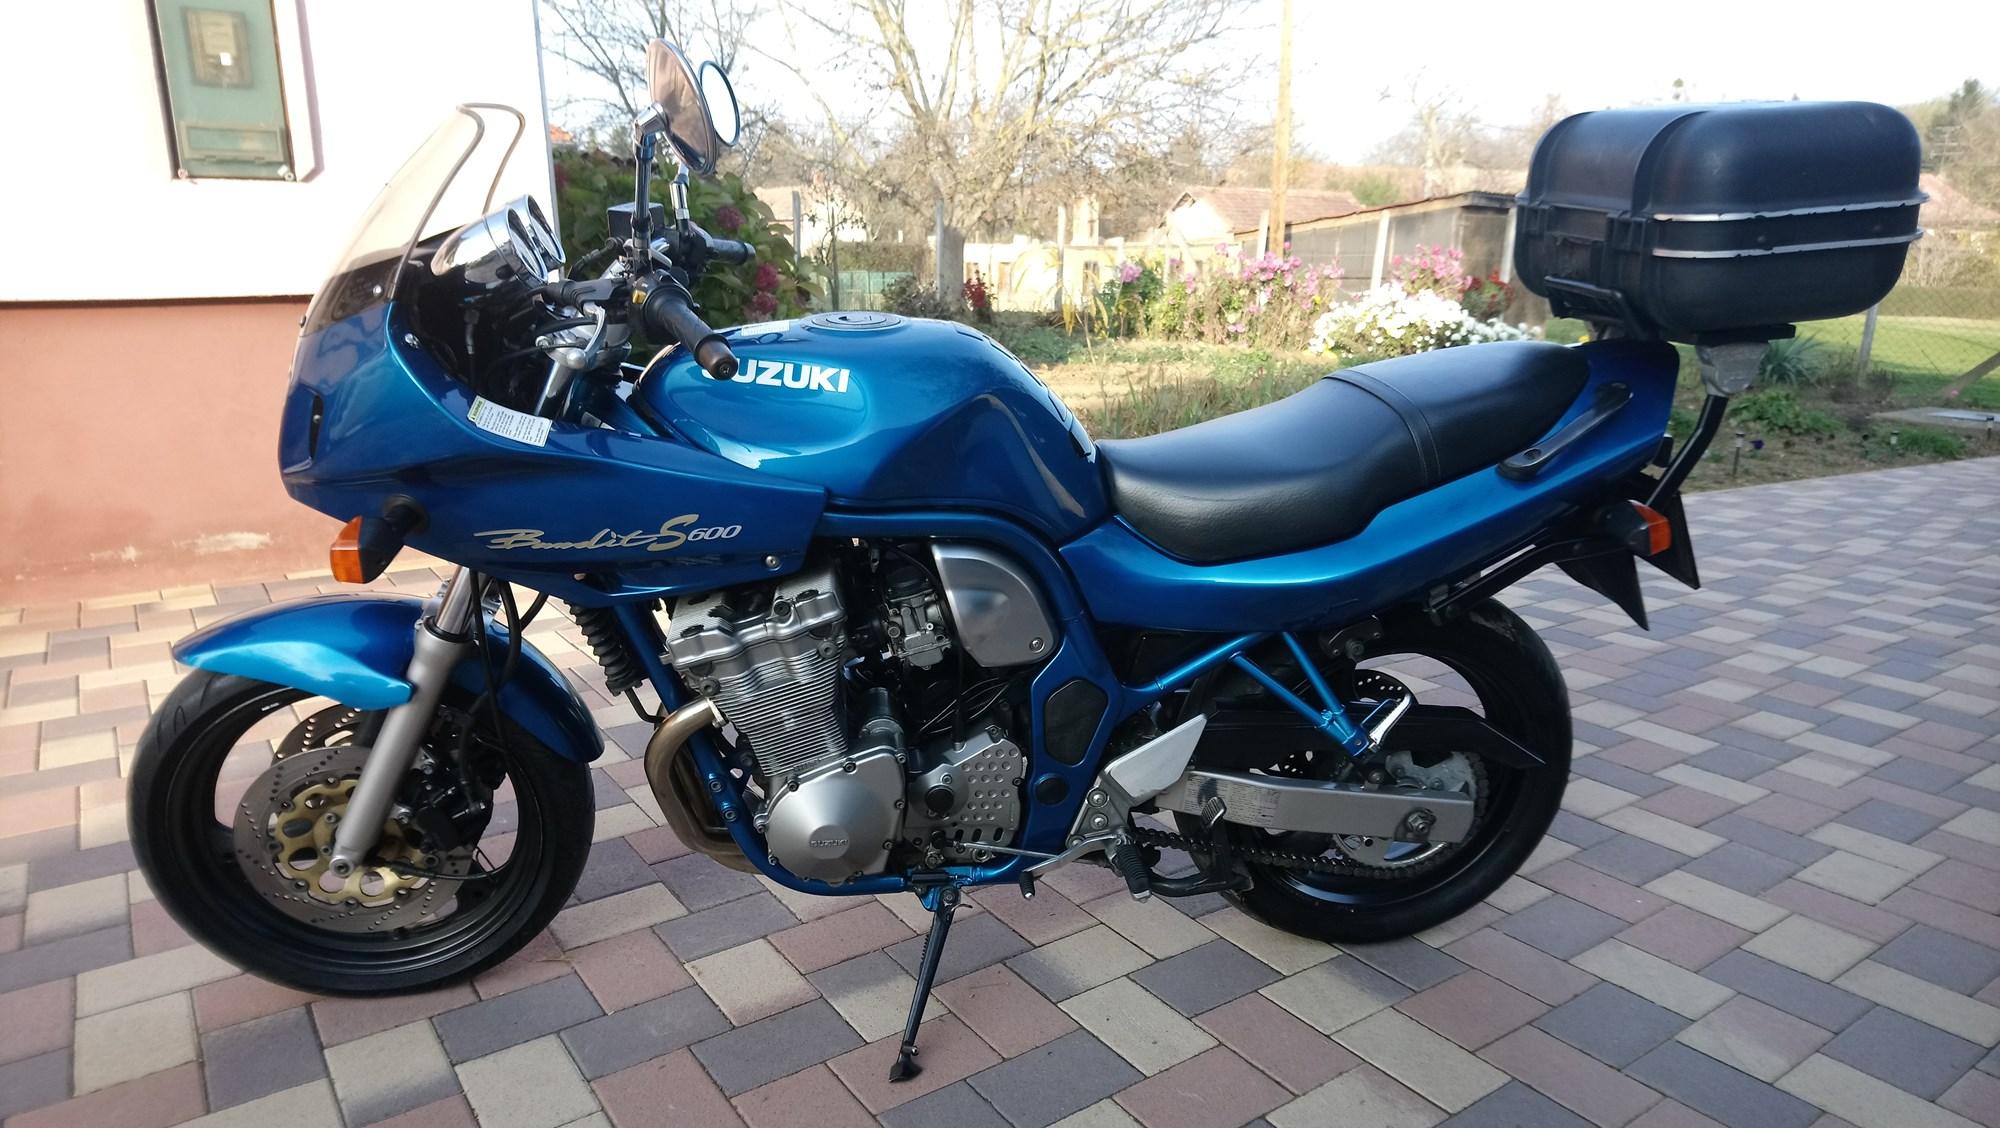 SUZUKI GSF 600 S, 2. kép